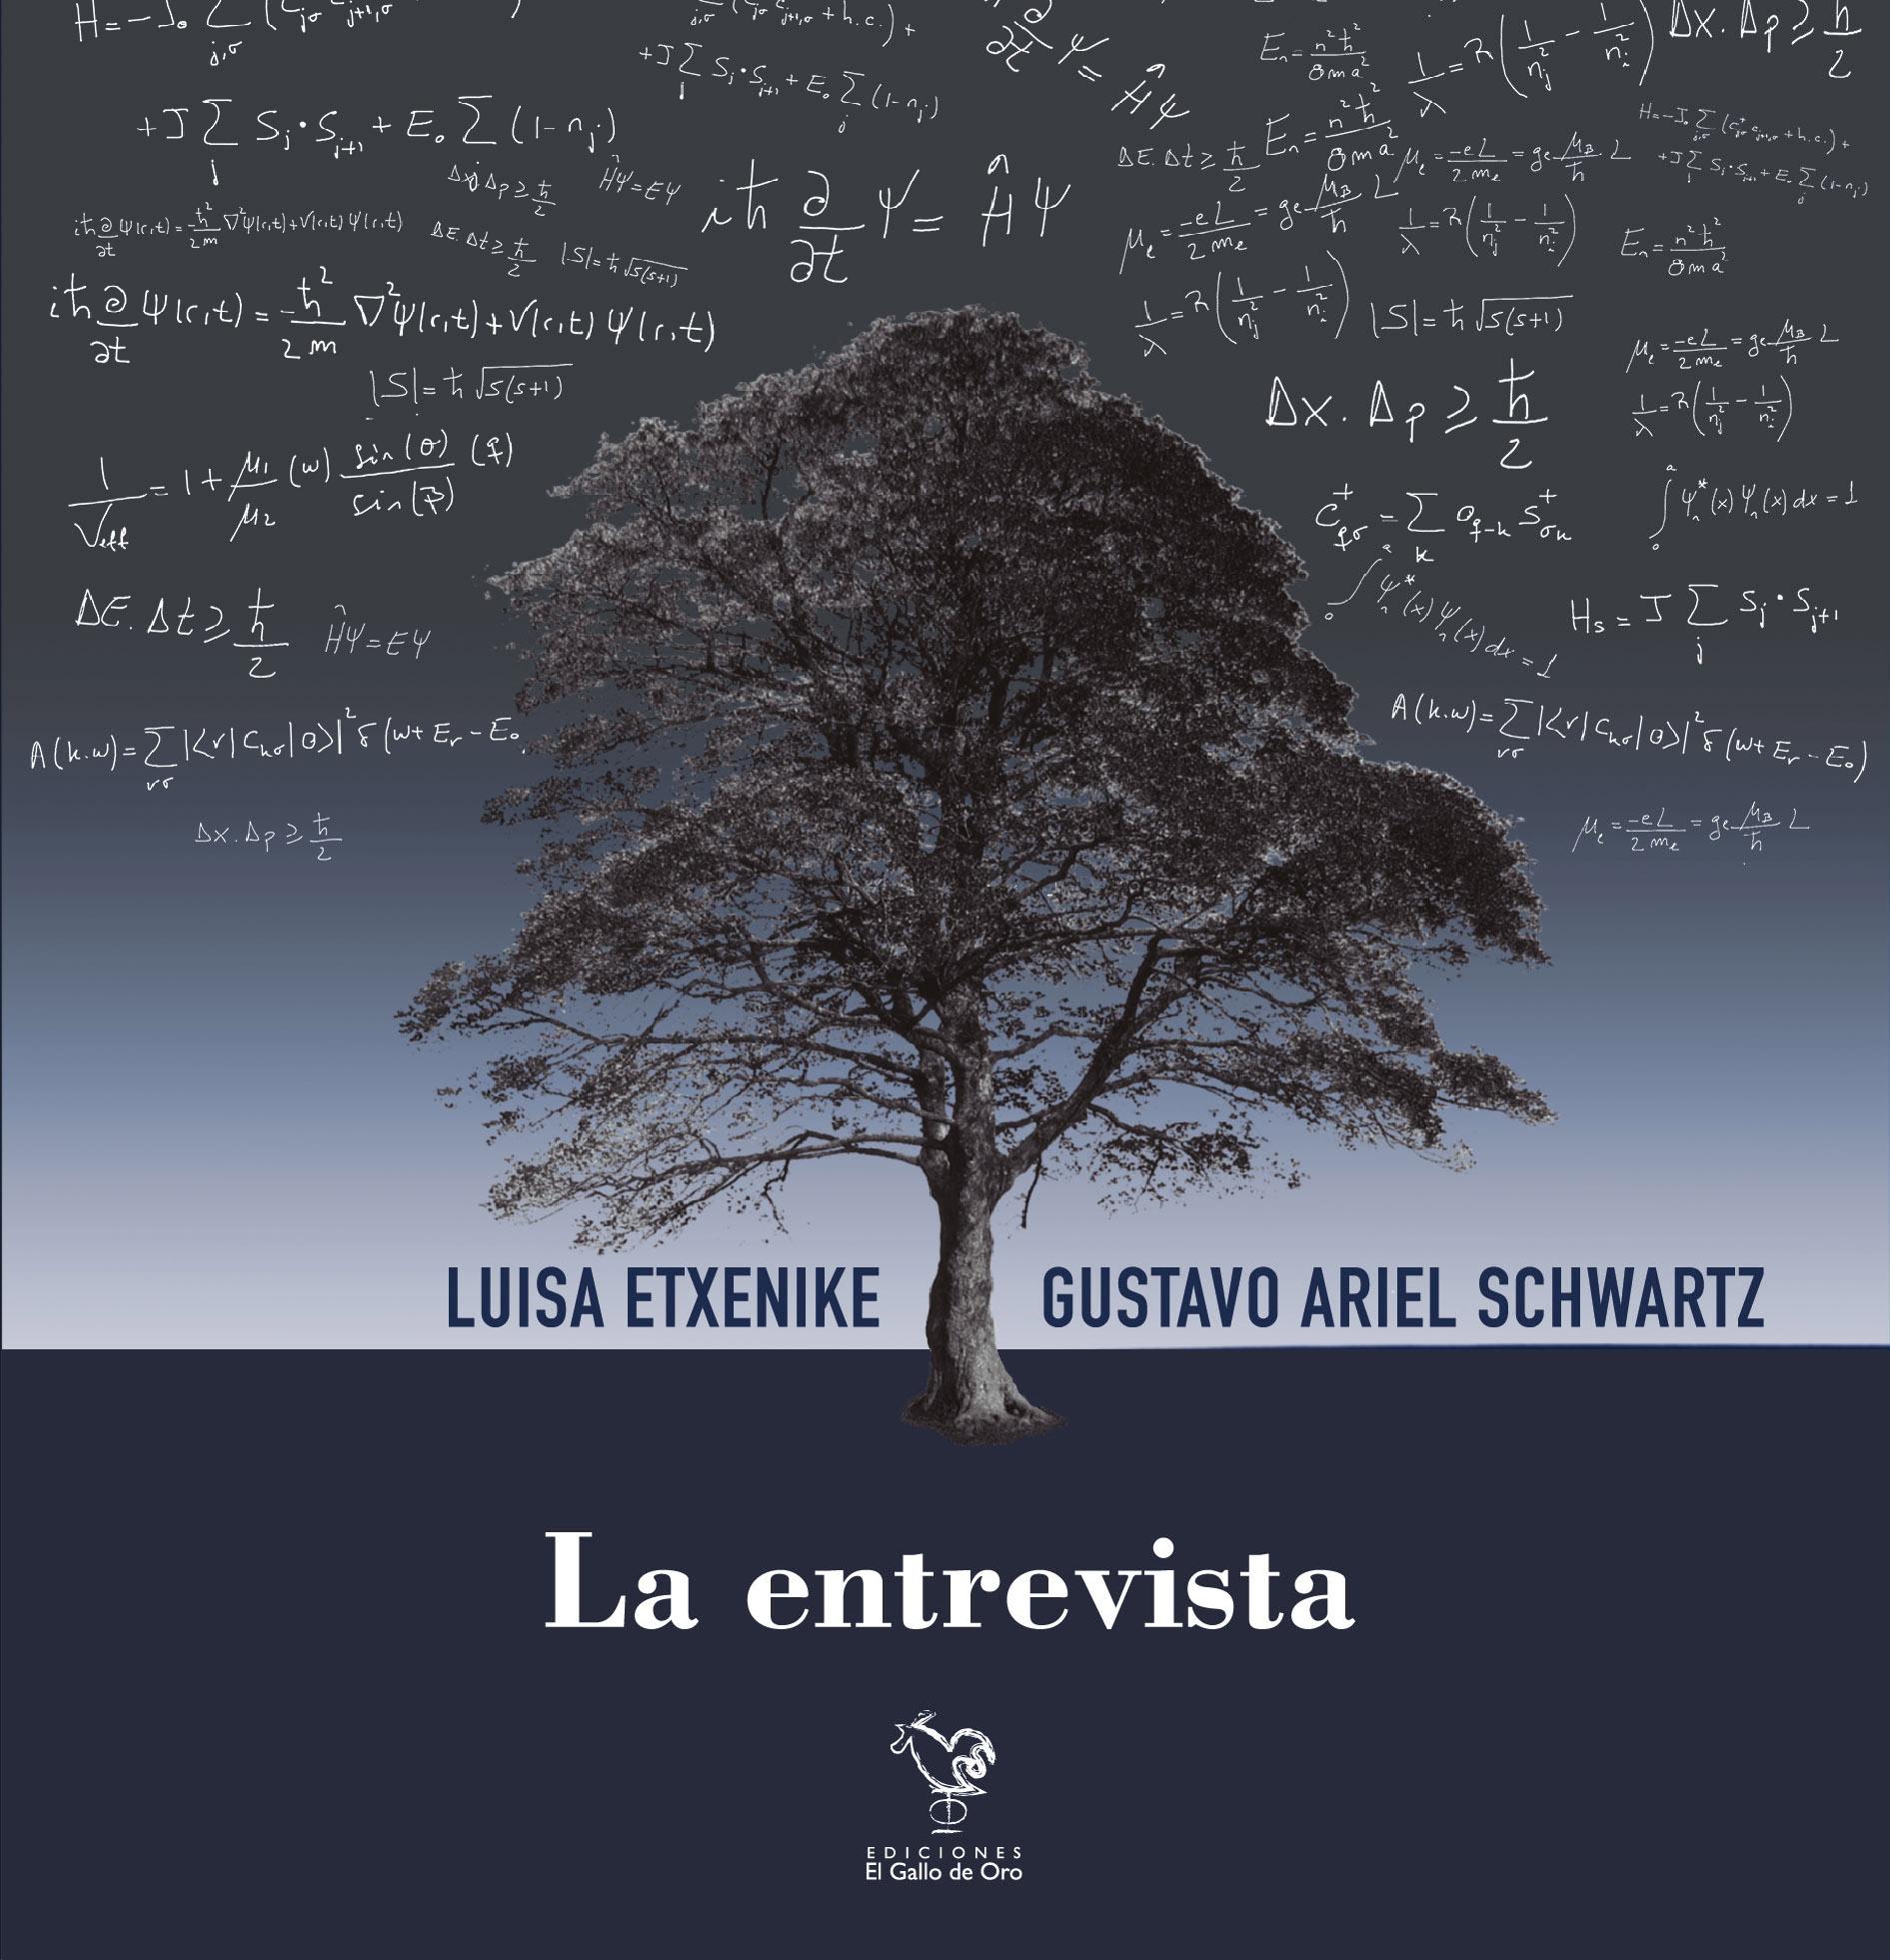 La entrevista es una obra de teatro que ha sido escrita a cuatro manos por la escritora Luisa Etxenike y el físico y escritor Gustavo Ariel Schwartz en una colaboración transdisciplinar novedosa e innovadora.  Este trabajo teatral conjunto se enmarca dentro del Programa Mestizajes.